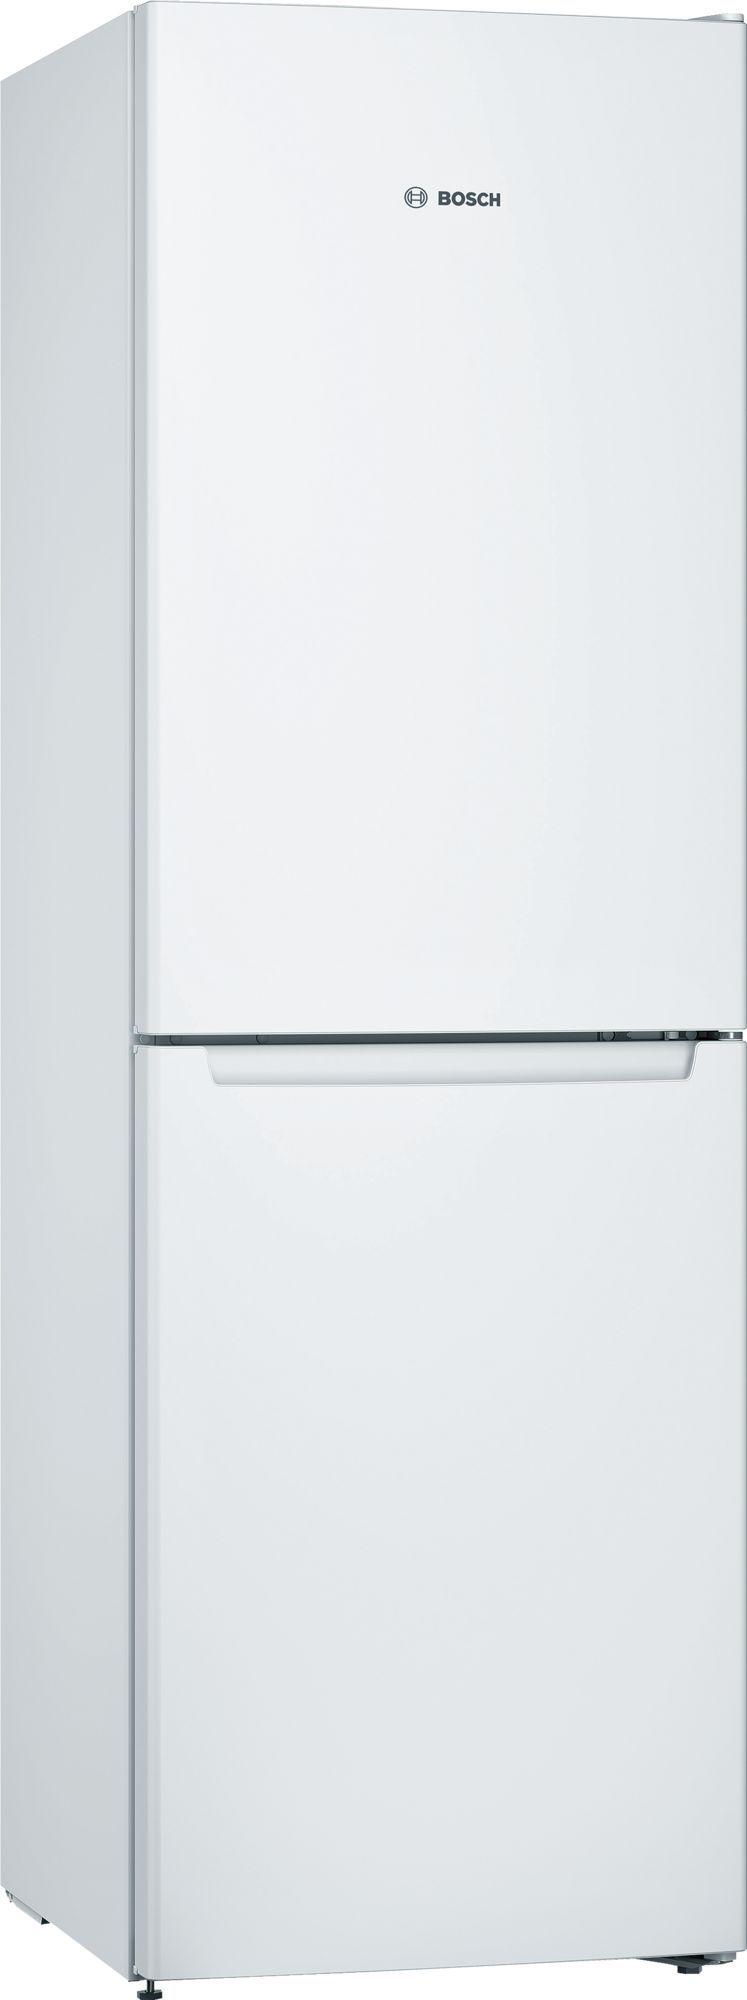 60cm Wide - Frost Free 186h 60w F/freezer